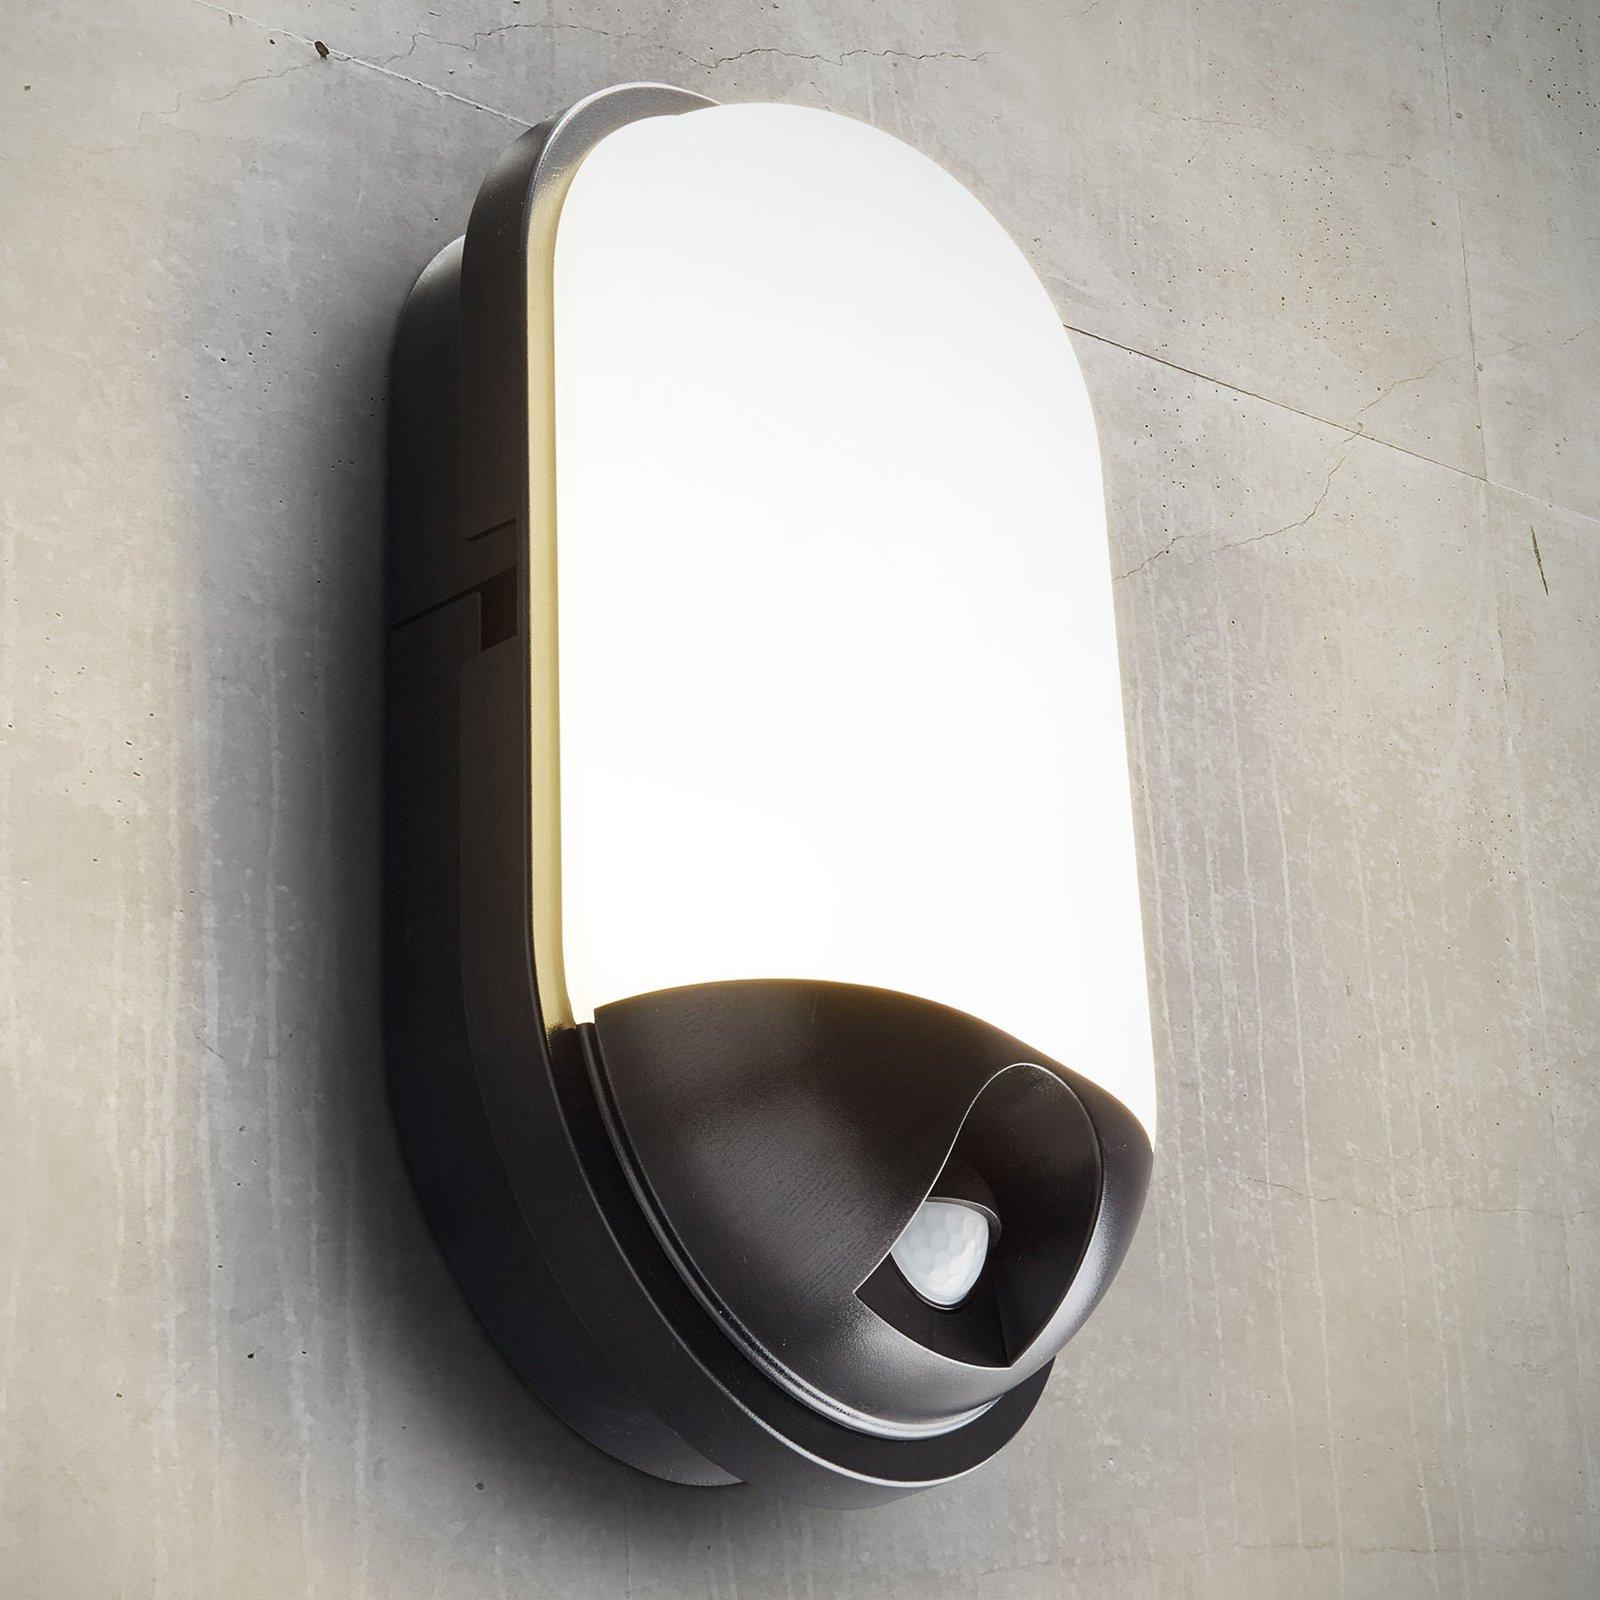 Utendørs LED-vegglampe Toledo med begevelsessensor